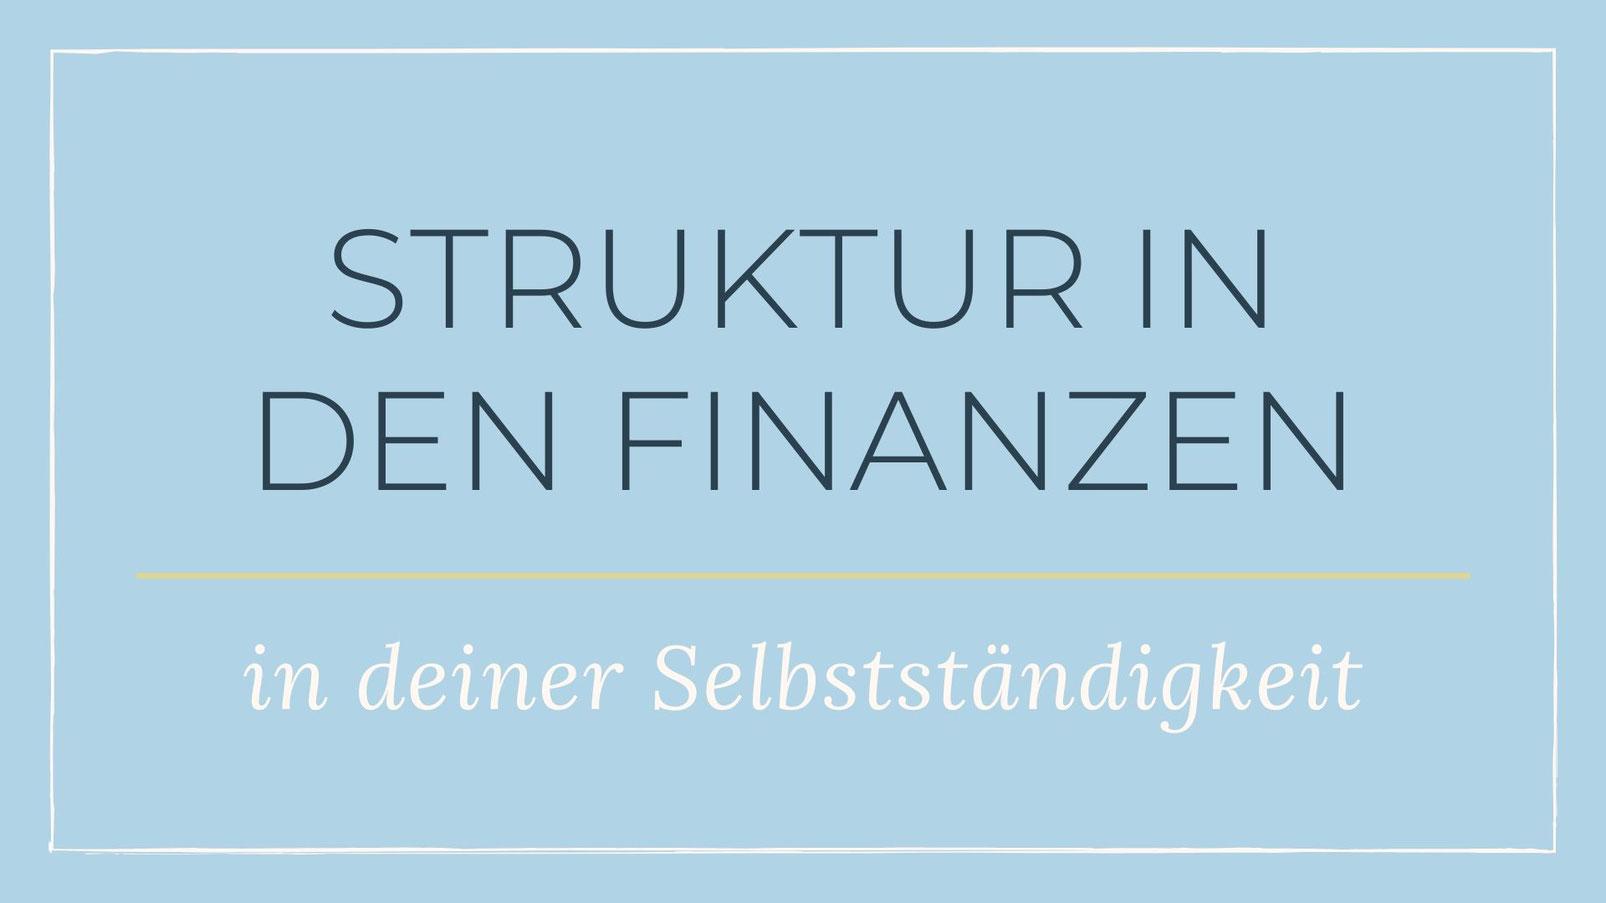 So kannst du Struktur in deine Finanzen bringen